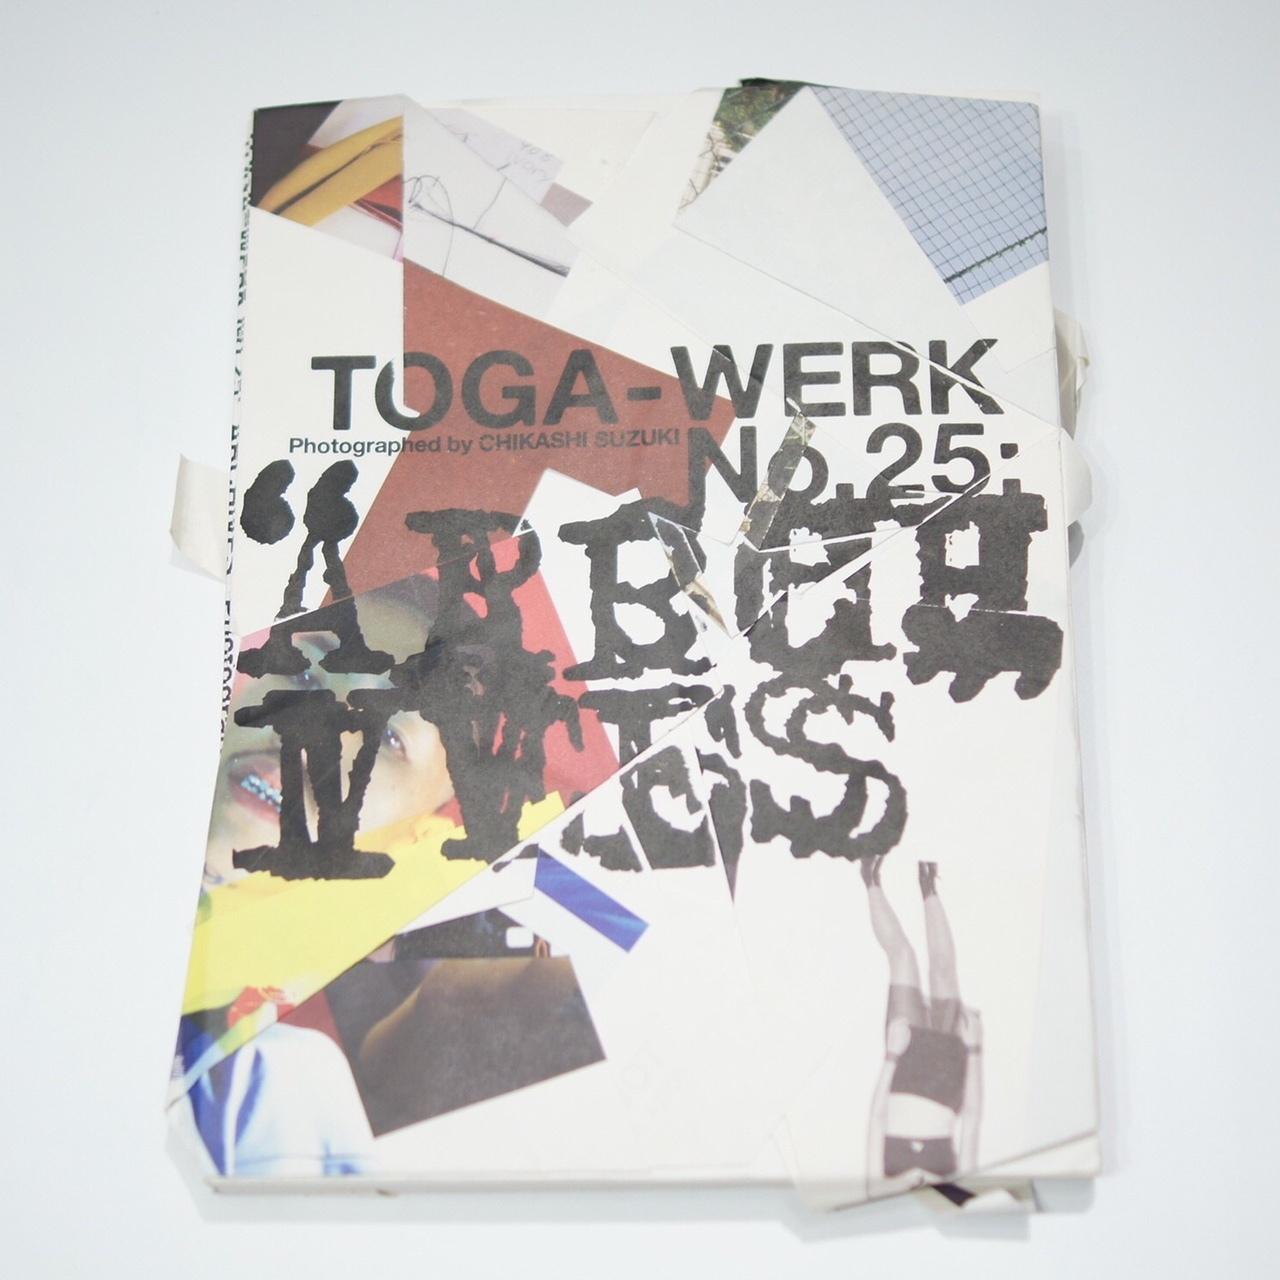 BOOK / Toga-Werk No.25: Archives Photographed by Chikashi Suzuki